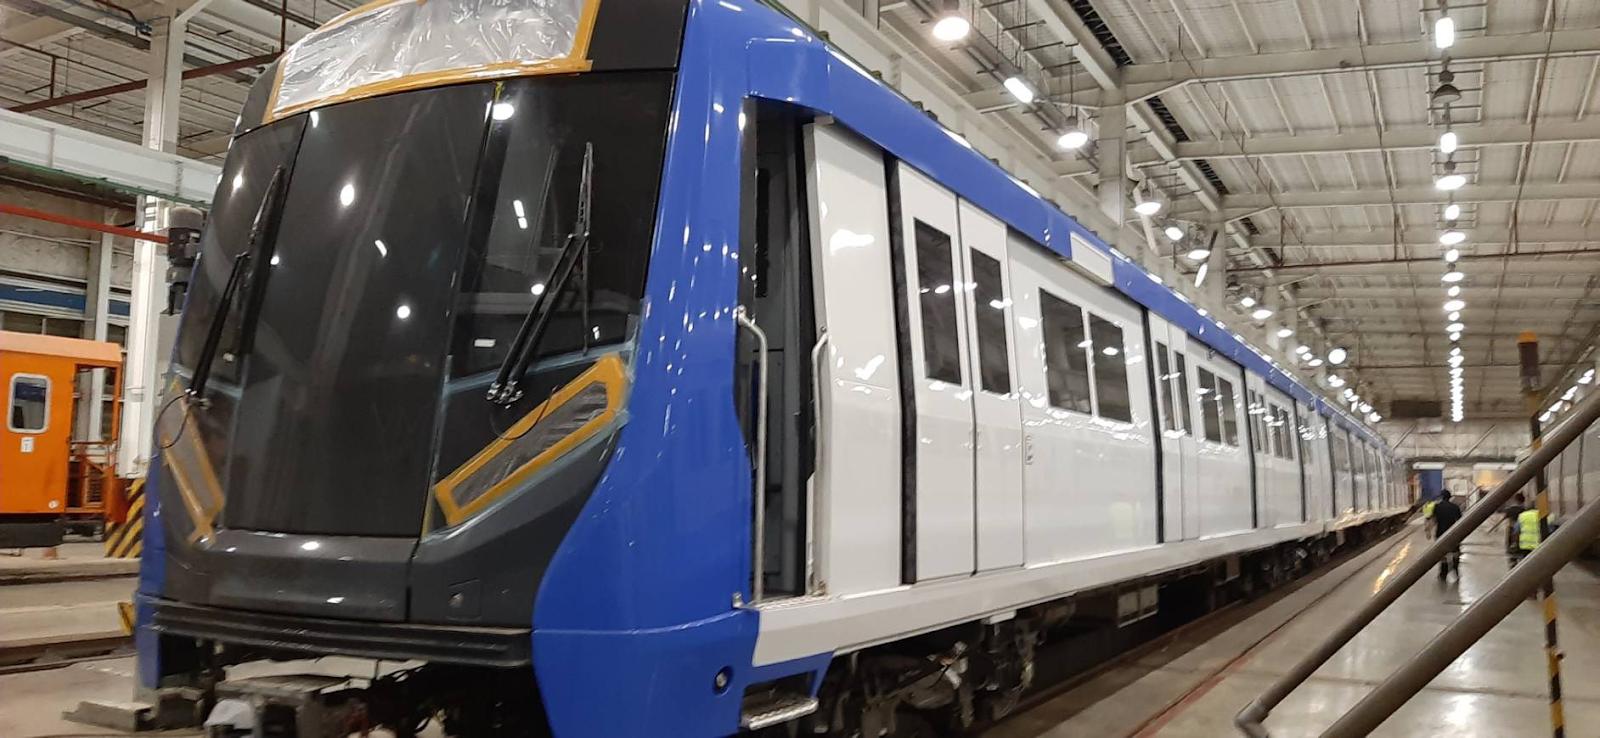 รูปบทความ : ส่องรถไฟฟ้า 2 สาย เตรียมตัวทดลองใช้ฟรี